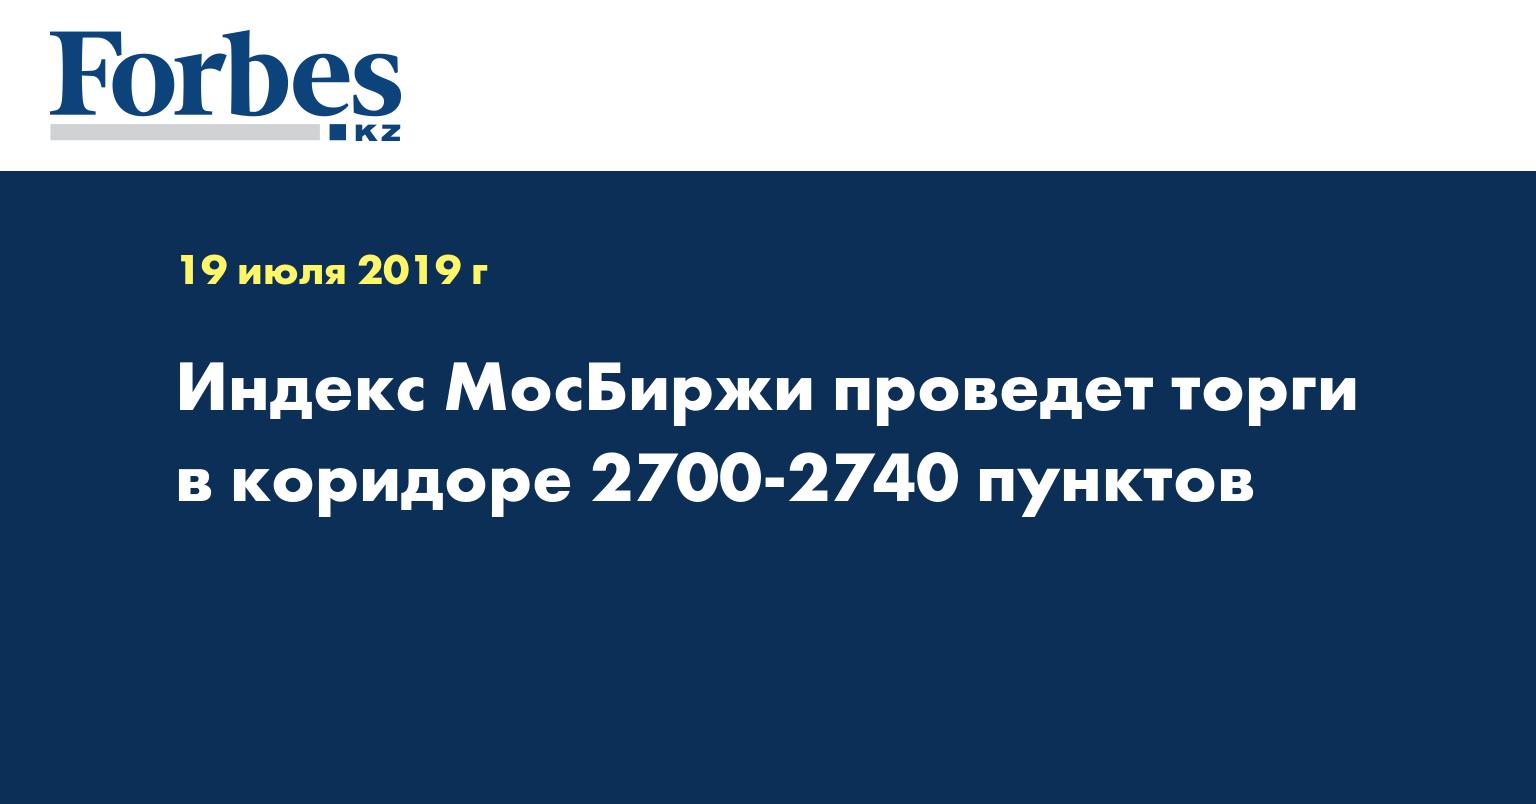 Индекс МосБиржи проведет торги в коридоре 2700-2740 пунктов